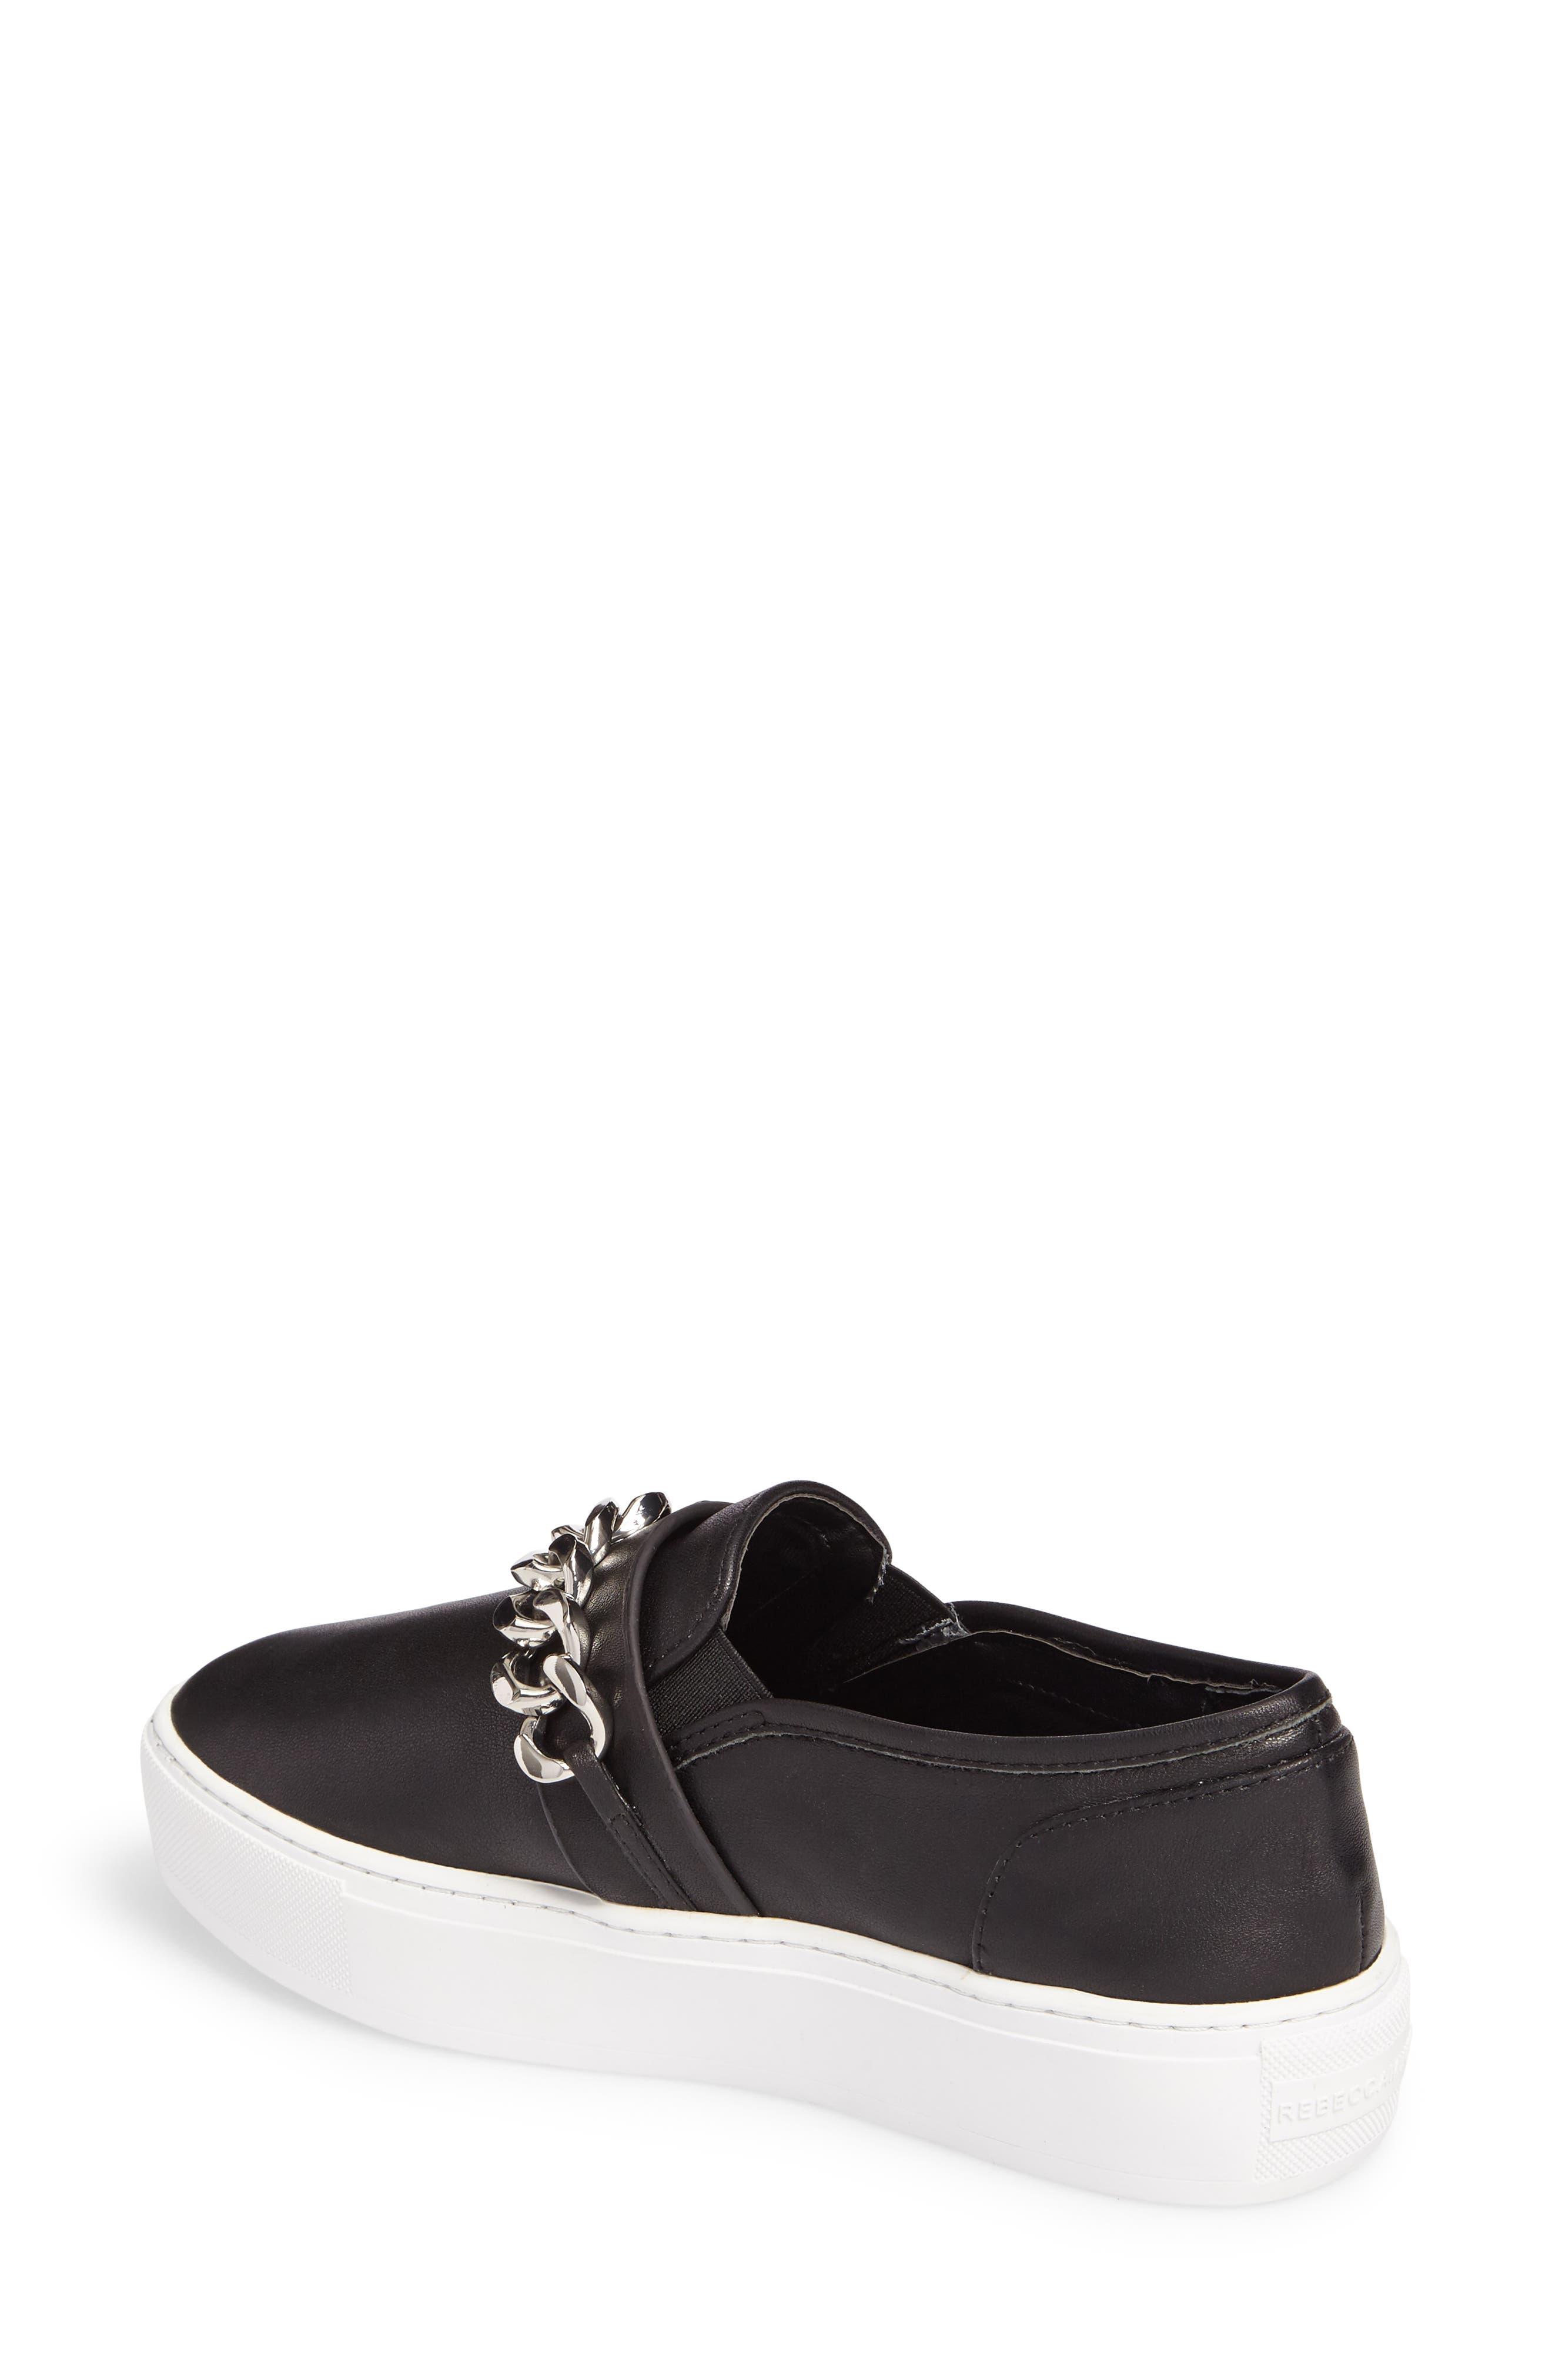 Nala Slip-On Sneaker,                             Alternate thumbnail 2, color,                             001